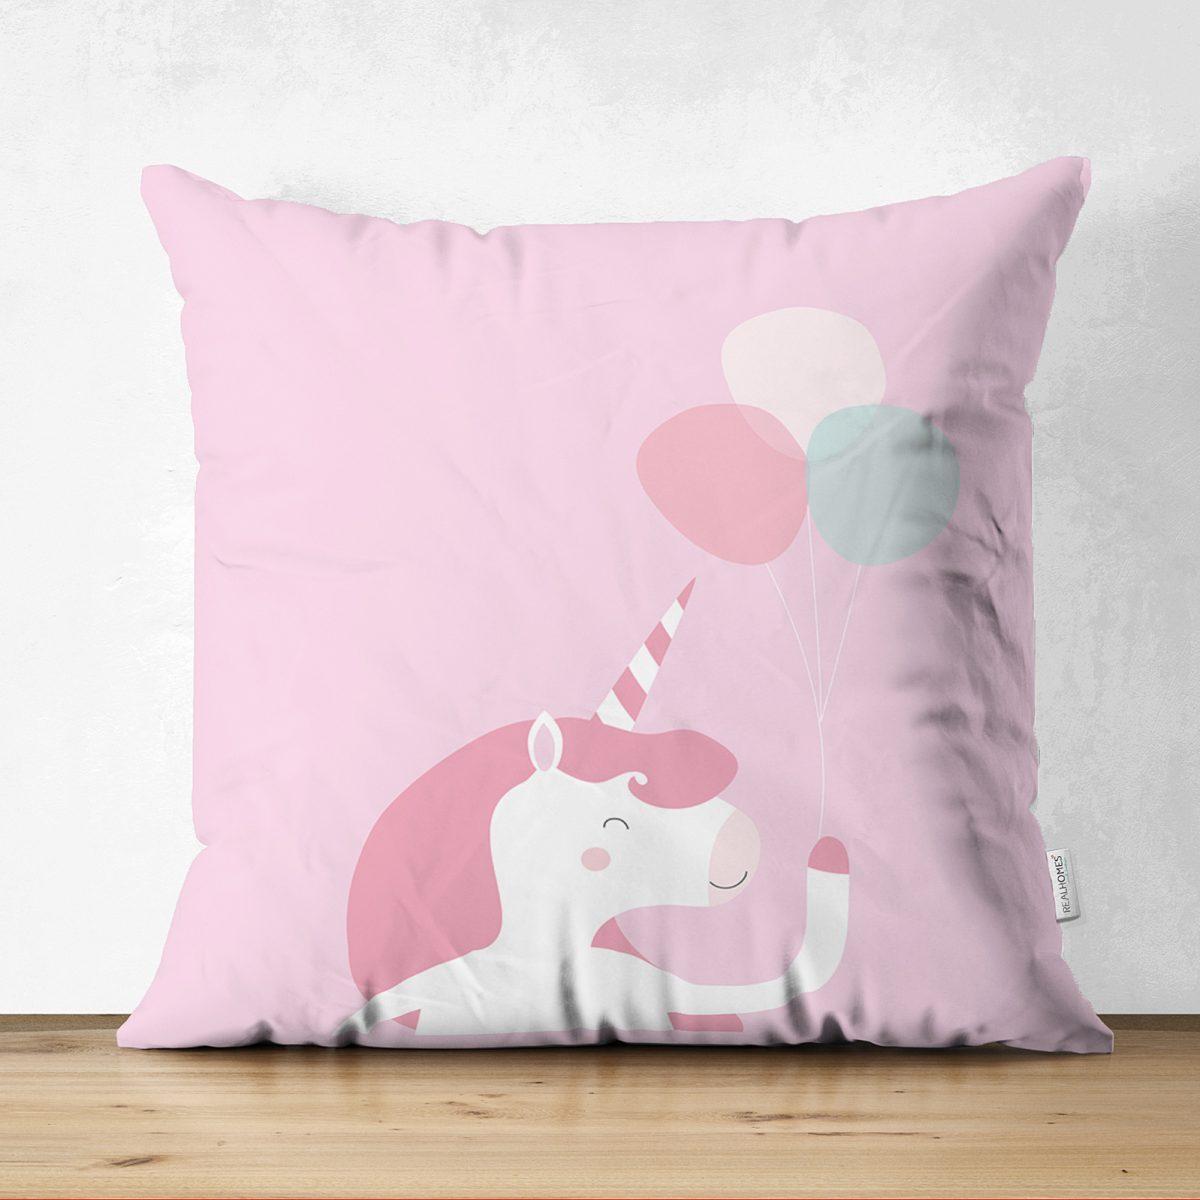 Çift Taraflı Pembe Zeminde Unicorn At Tasarımlı Bebek Odası Süet Yastık Kırlent Kılıfı Realhomes